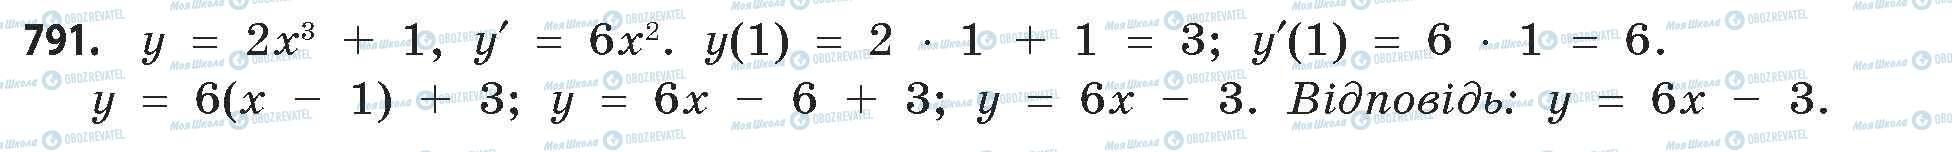 ГДЗ Математика 11 класс страница 691